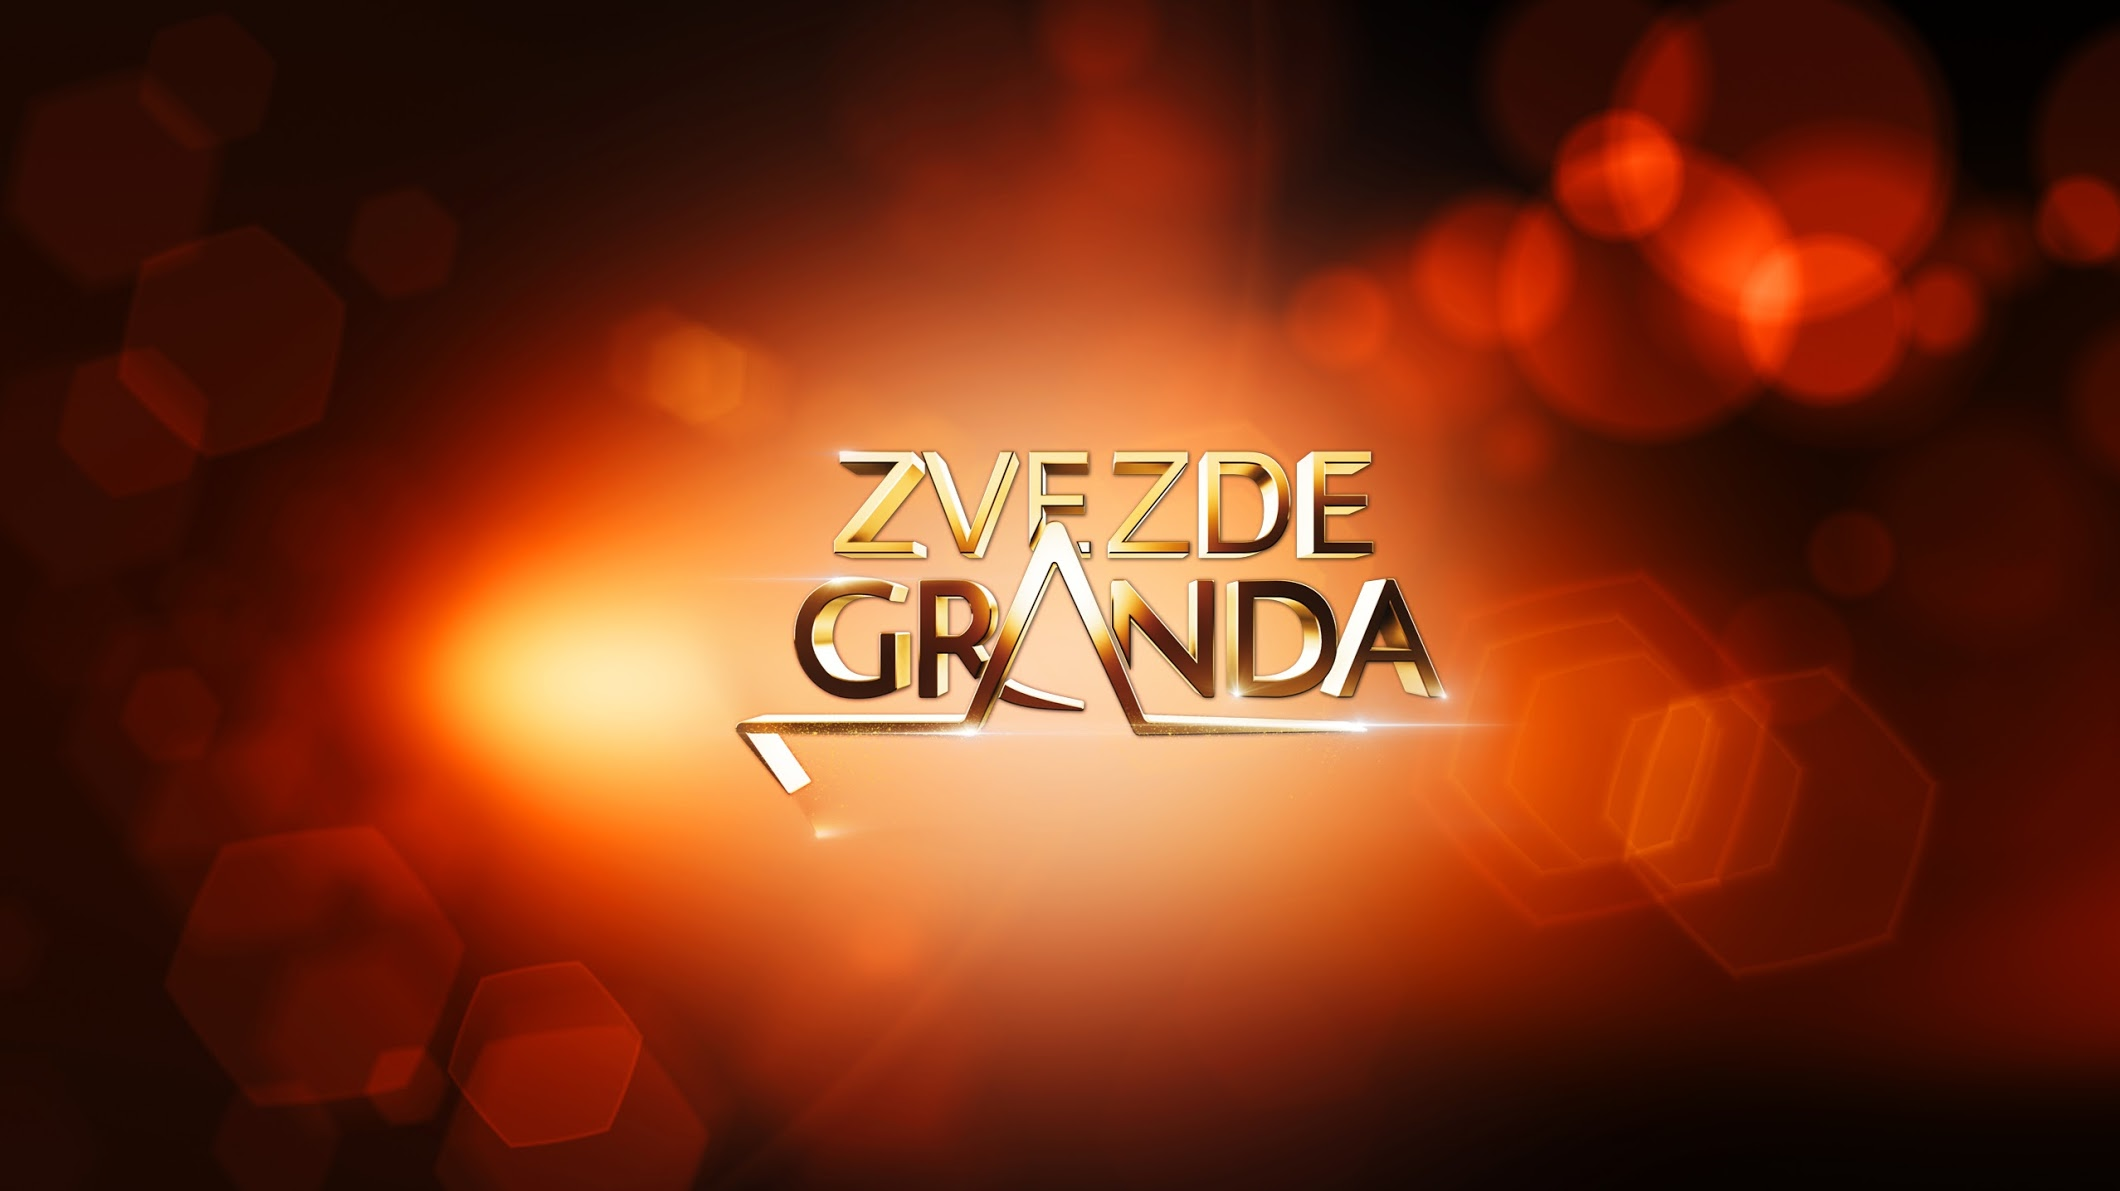 Мажот влета во студио и ја прекина емисијата: Ѕвездата на Гранд од шок не проговори ништо, само се расплака